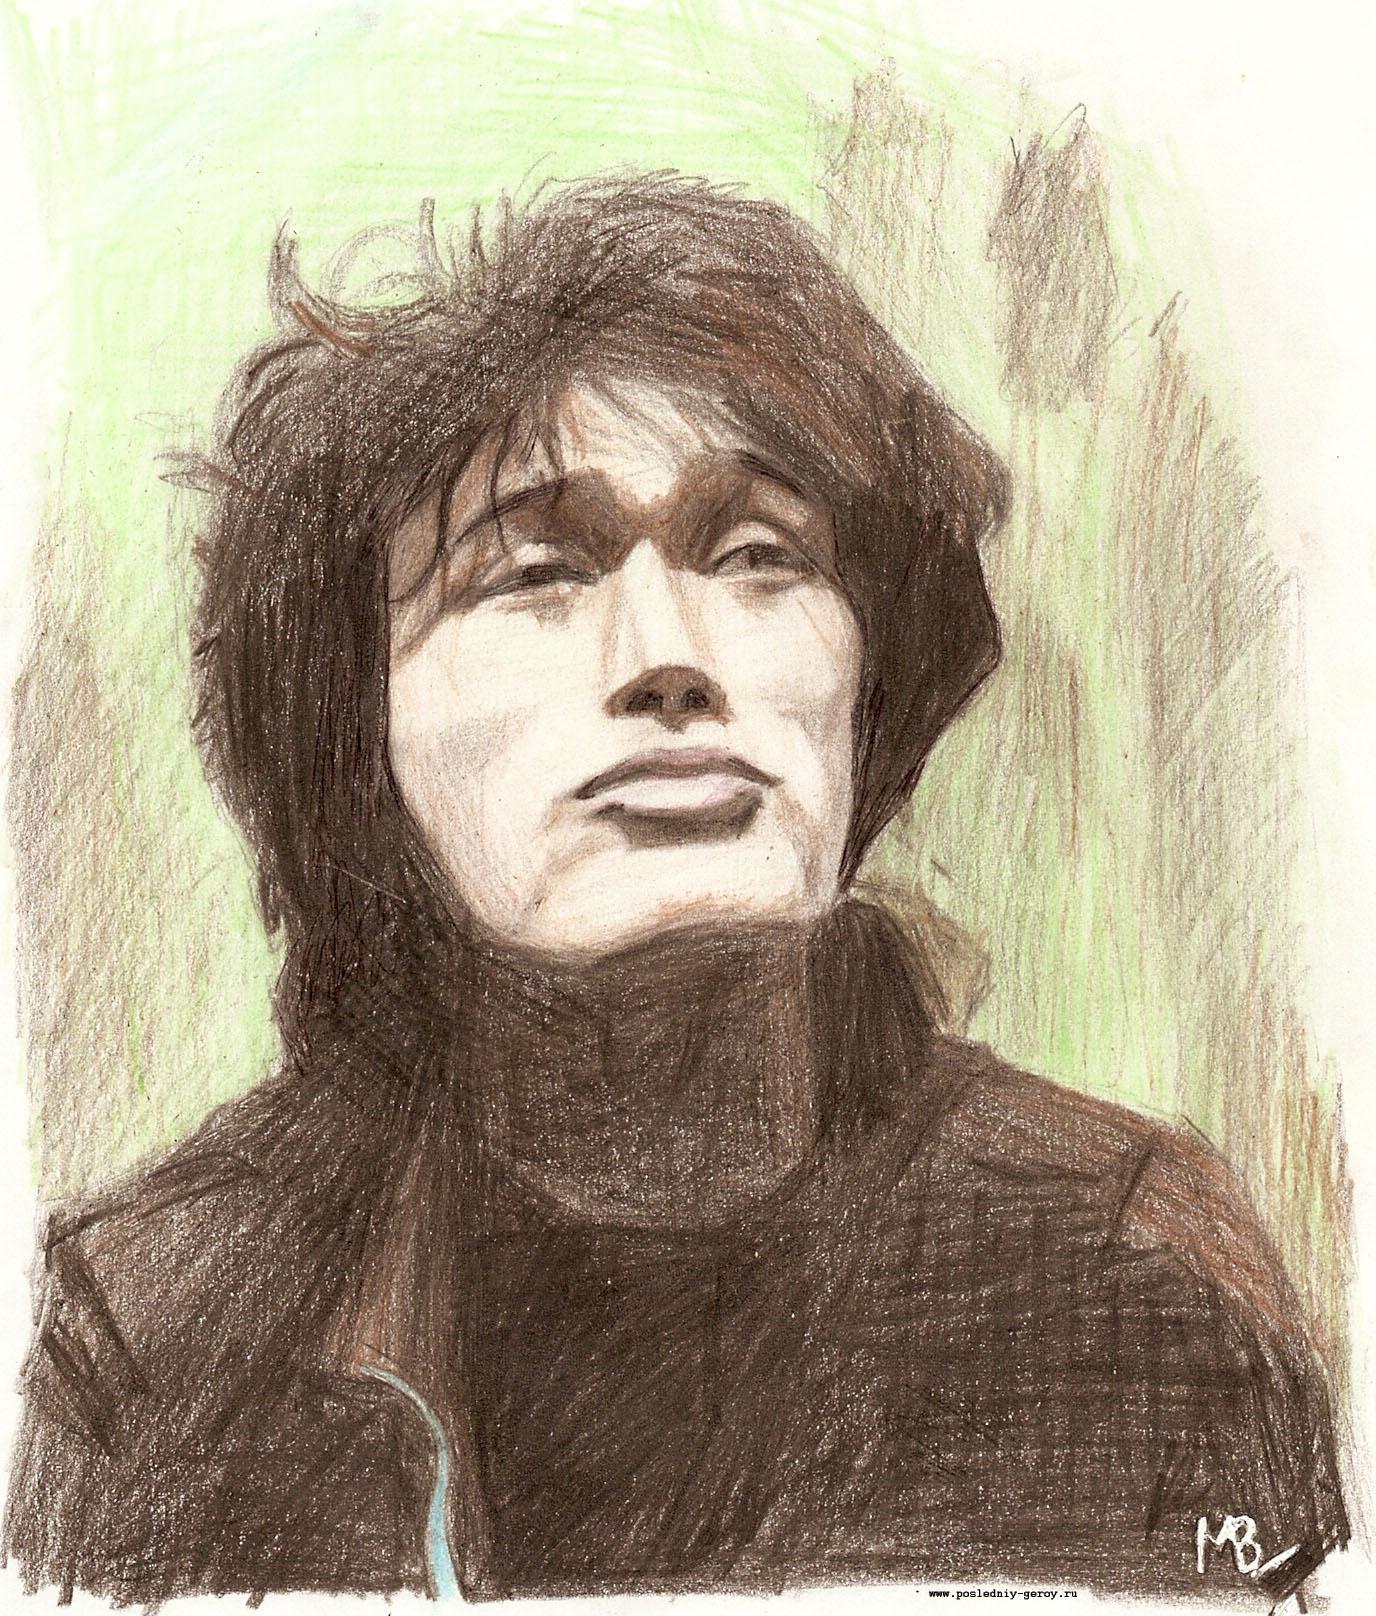 Первый портрет Виктора Цоя